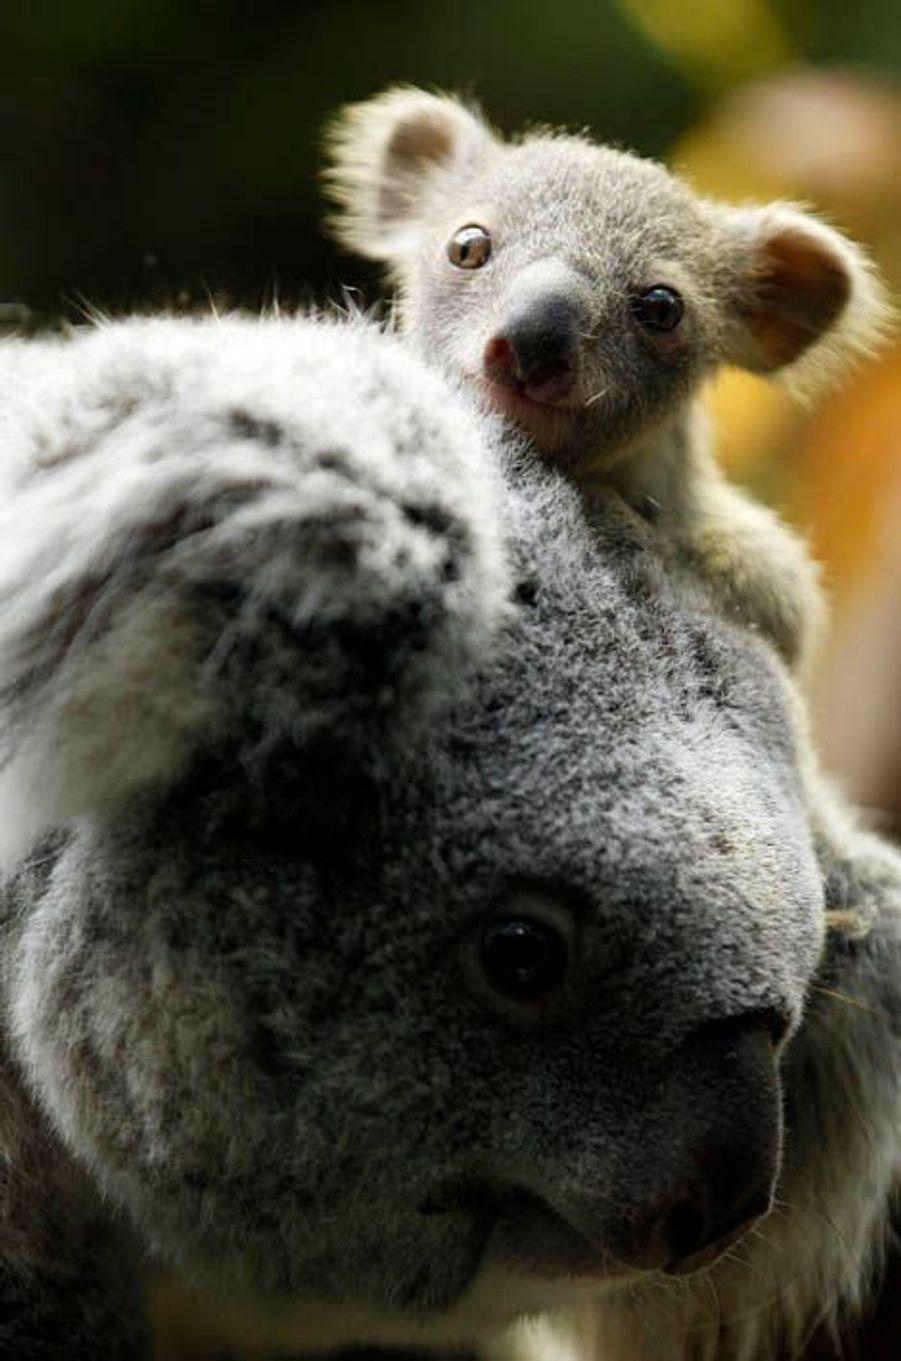 Un bébé Koala a vu le jour au zoo de Duisbourg, en Allemagne. Il pèse seulement 350 grammes.